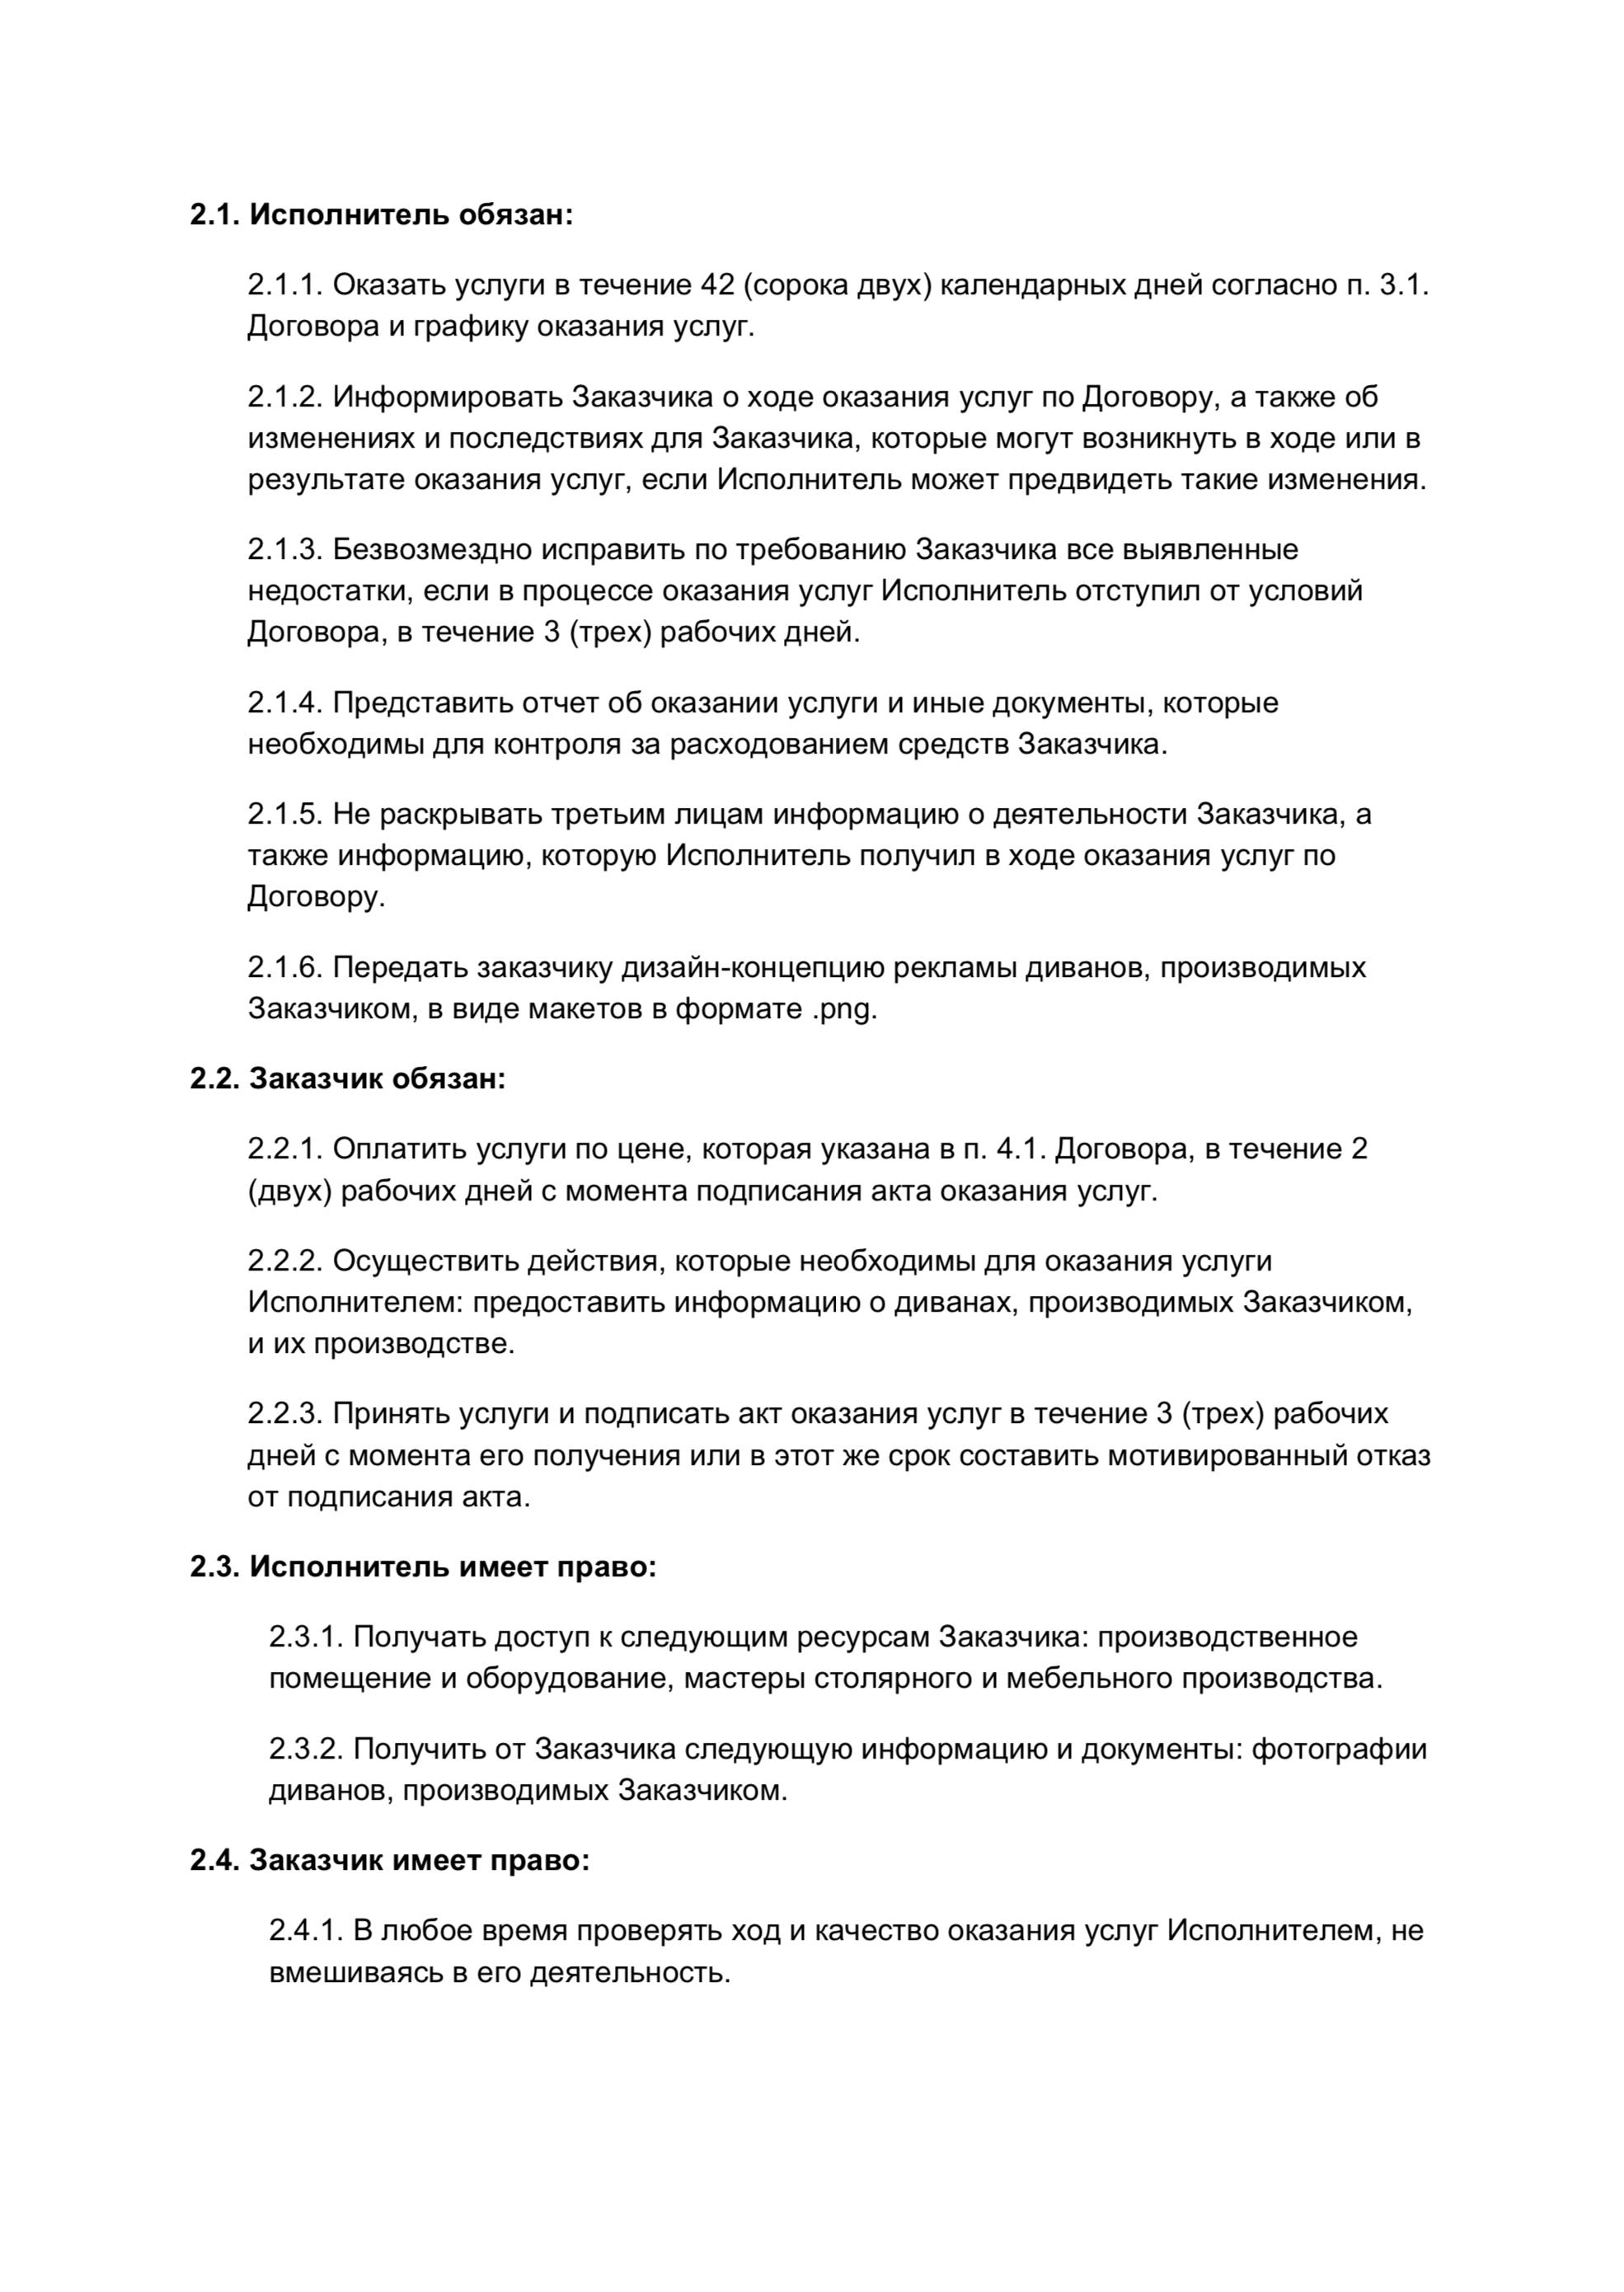 Договор на оказание услуг по бурению между юр лицами